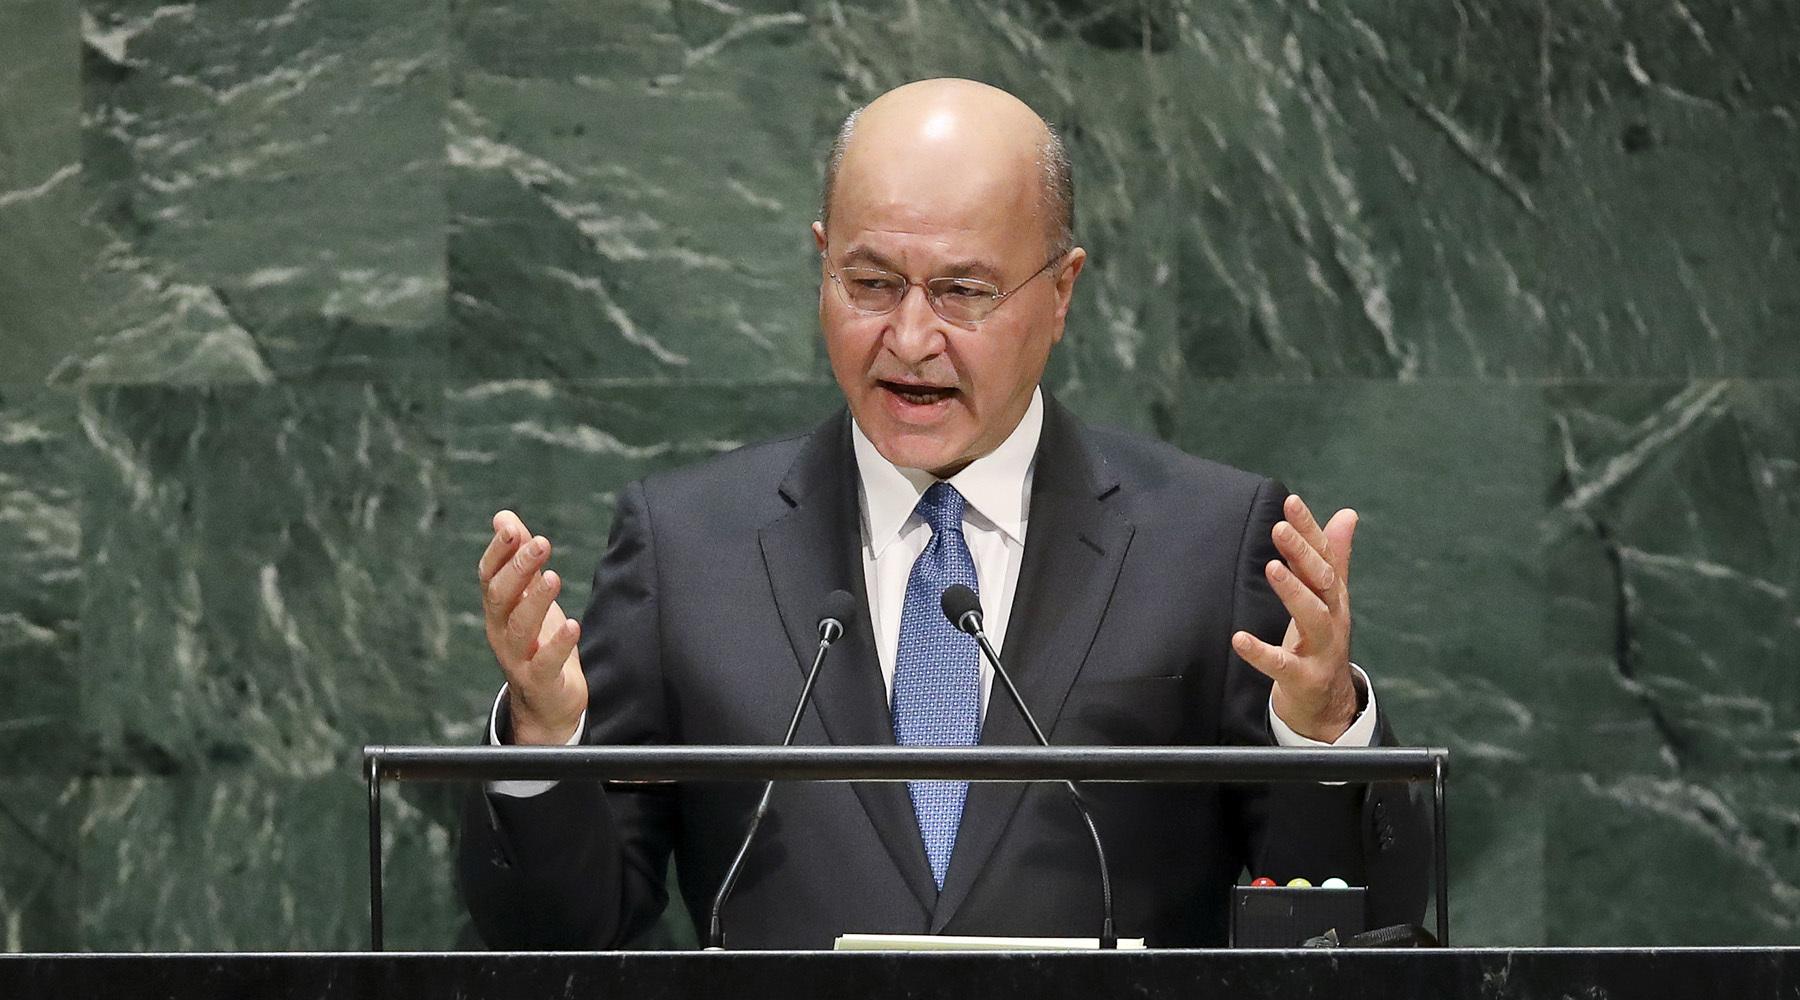 «Вооружённые силы не планируют покидать страну»: почему США отказываются выводить свой военный контингент из Ирака